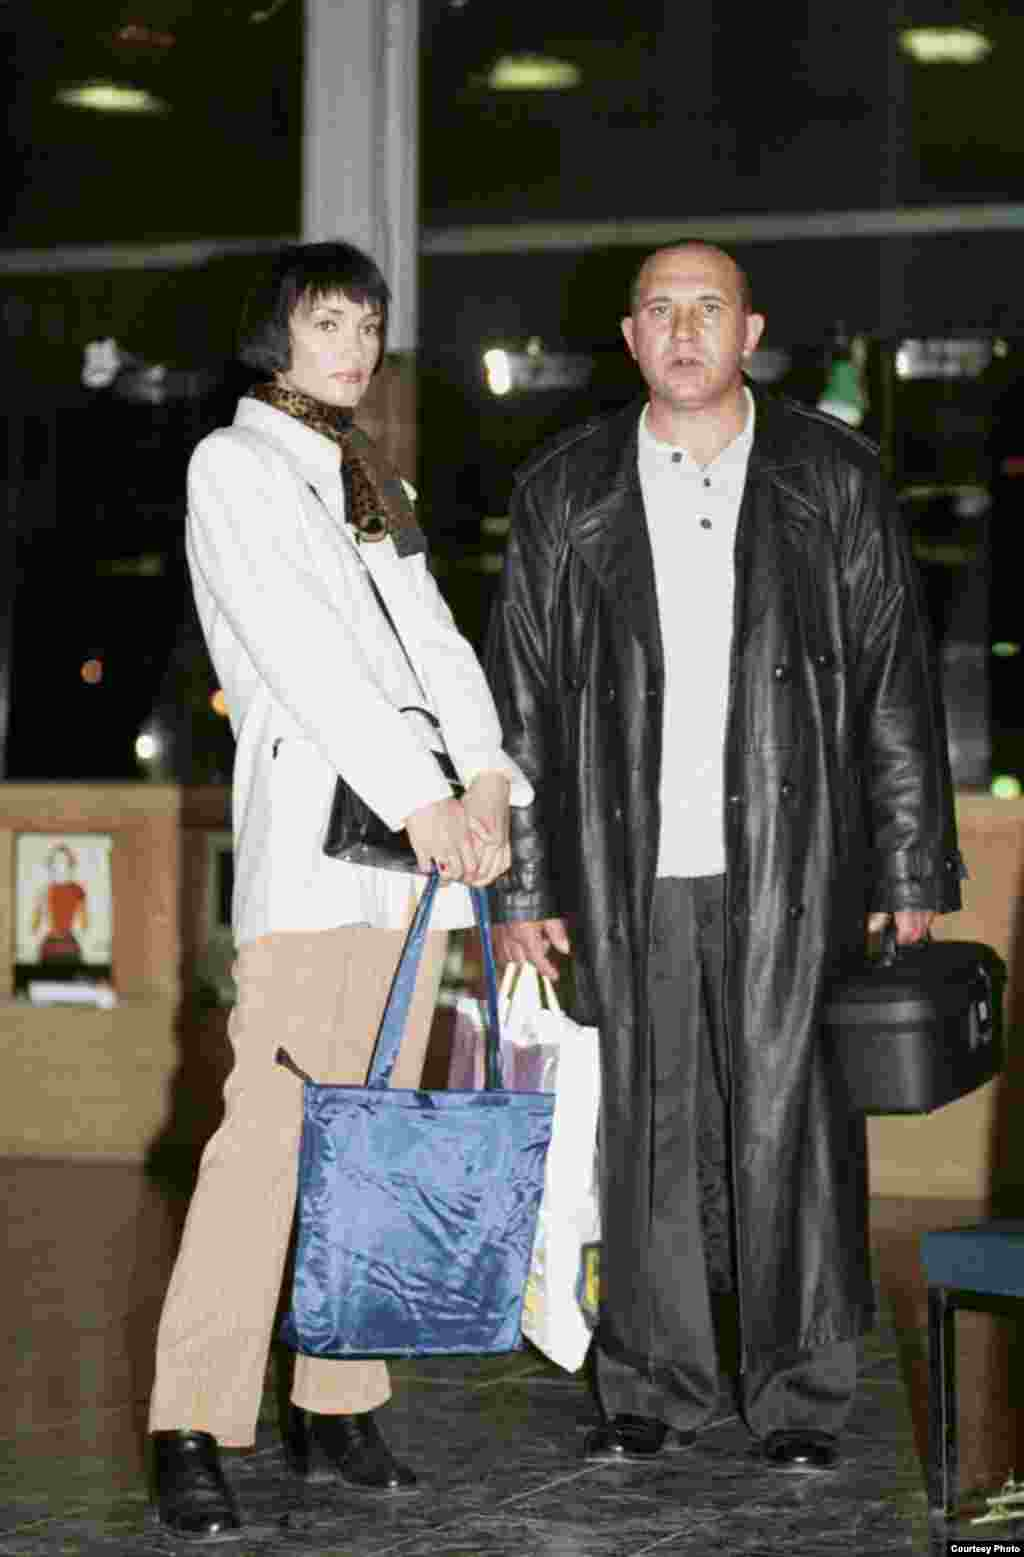 Модель и спонсор после завершения модного показа, 1996.